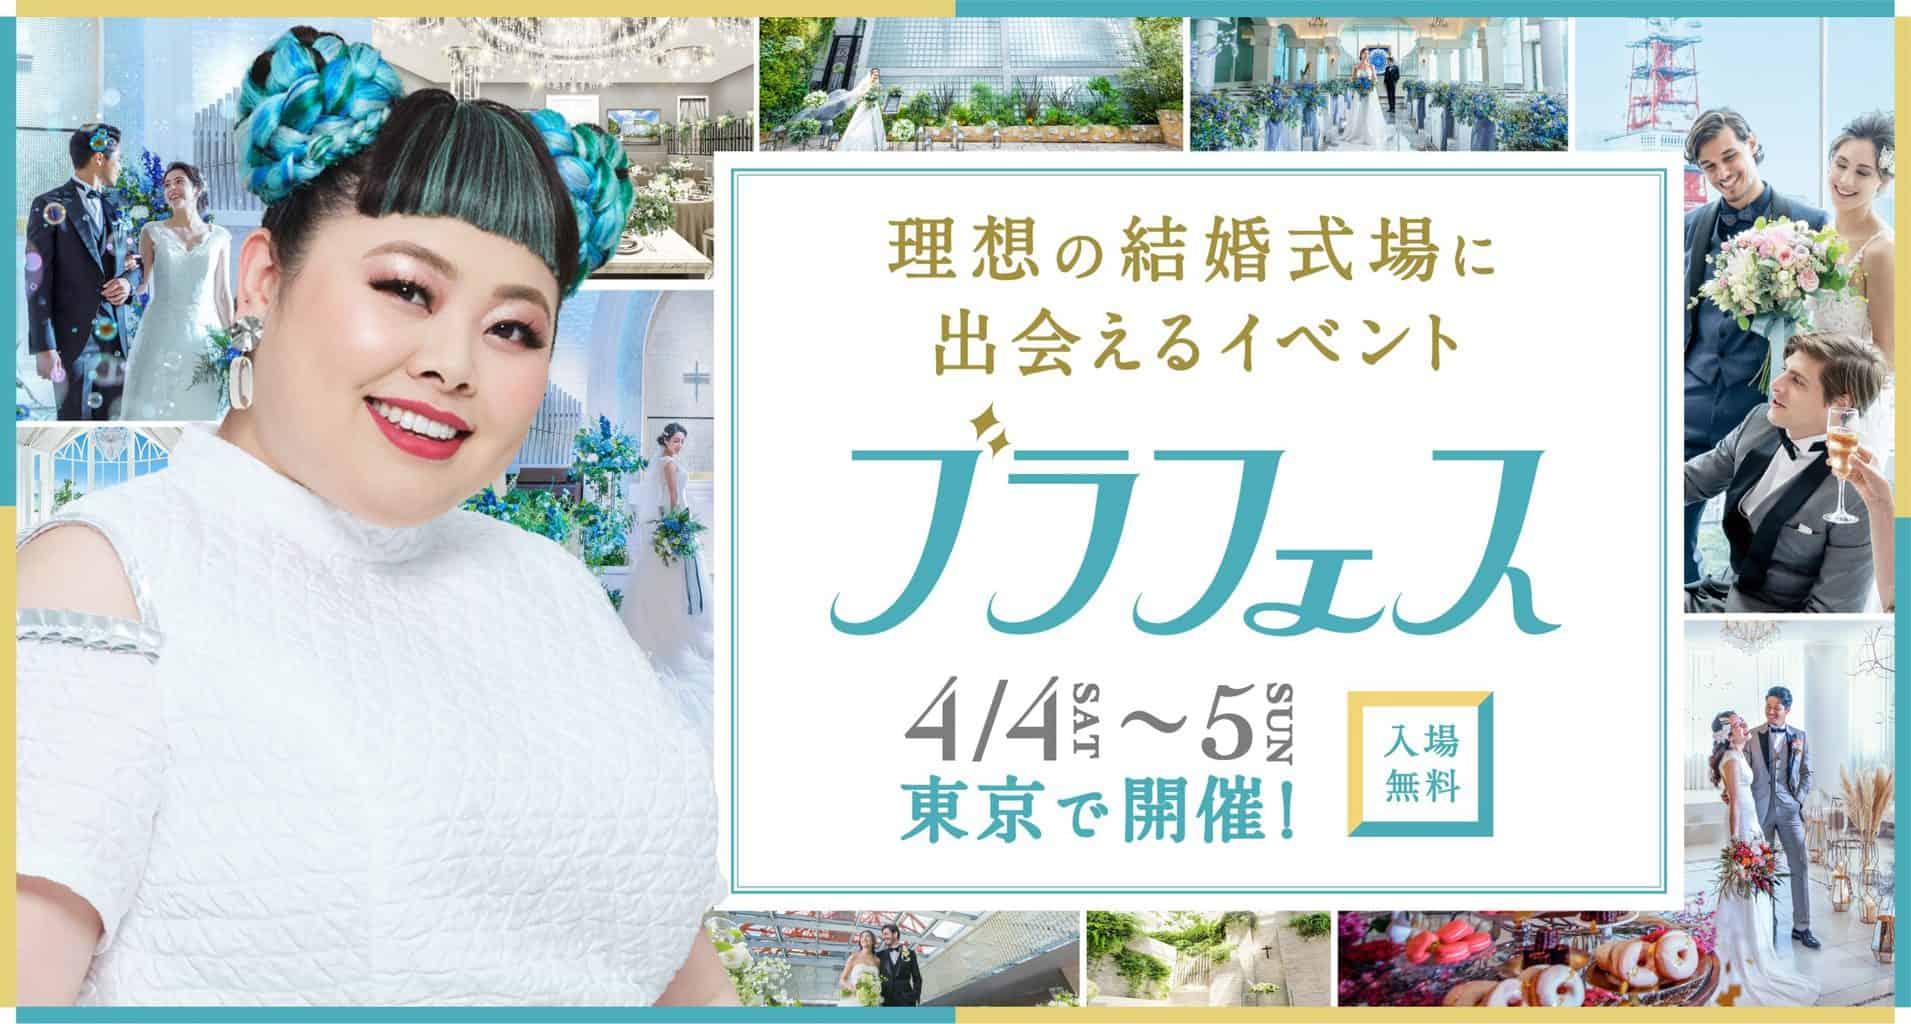 【2020年4月】ハナユメの無料ブライダルイベント「ブラフェス」が東京で開催のカバー写真